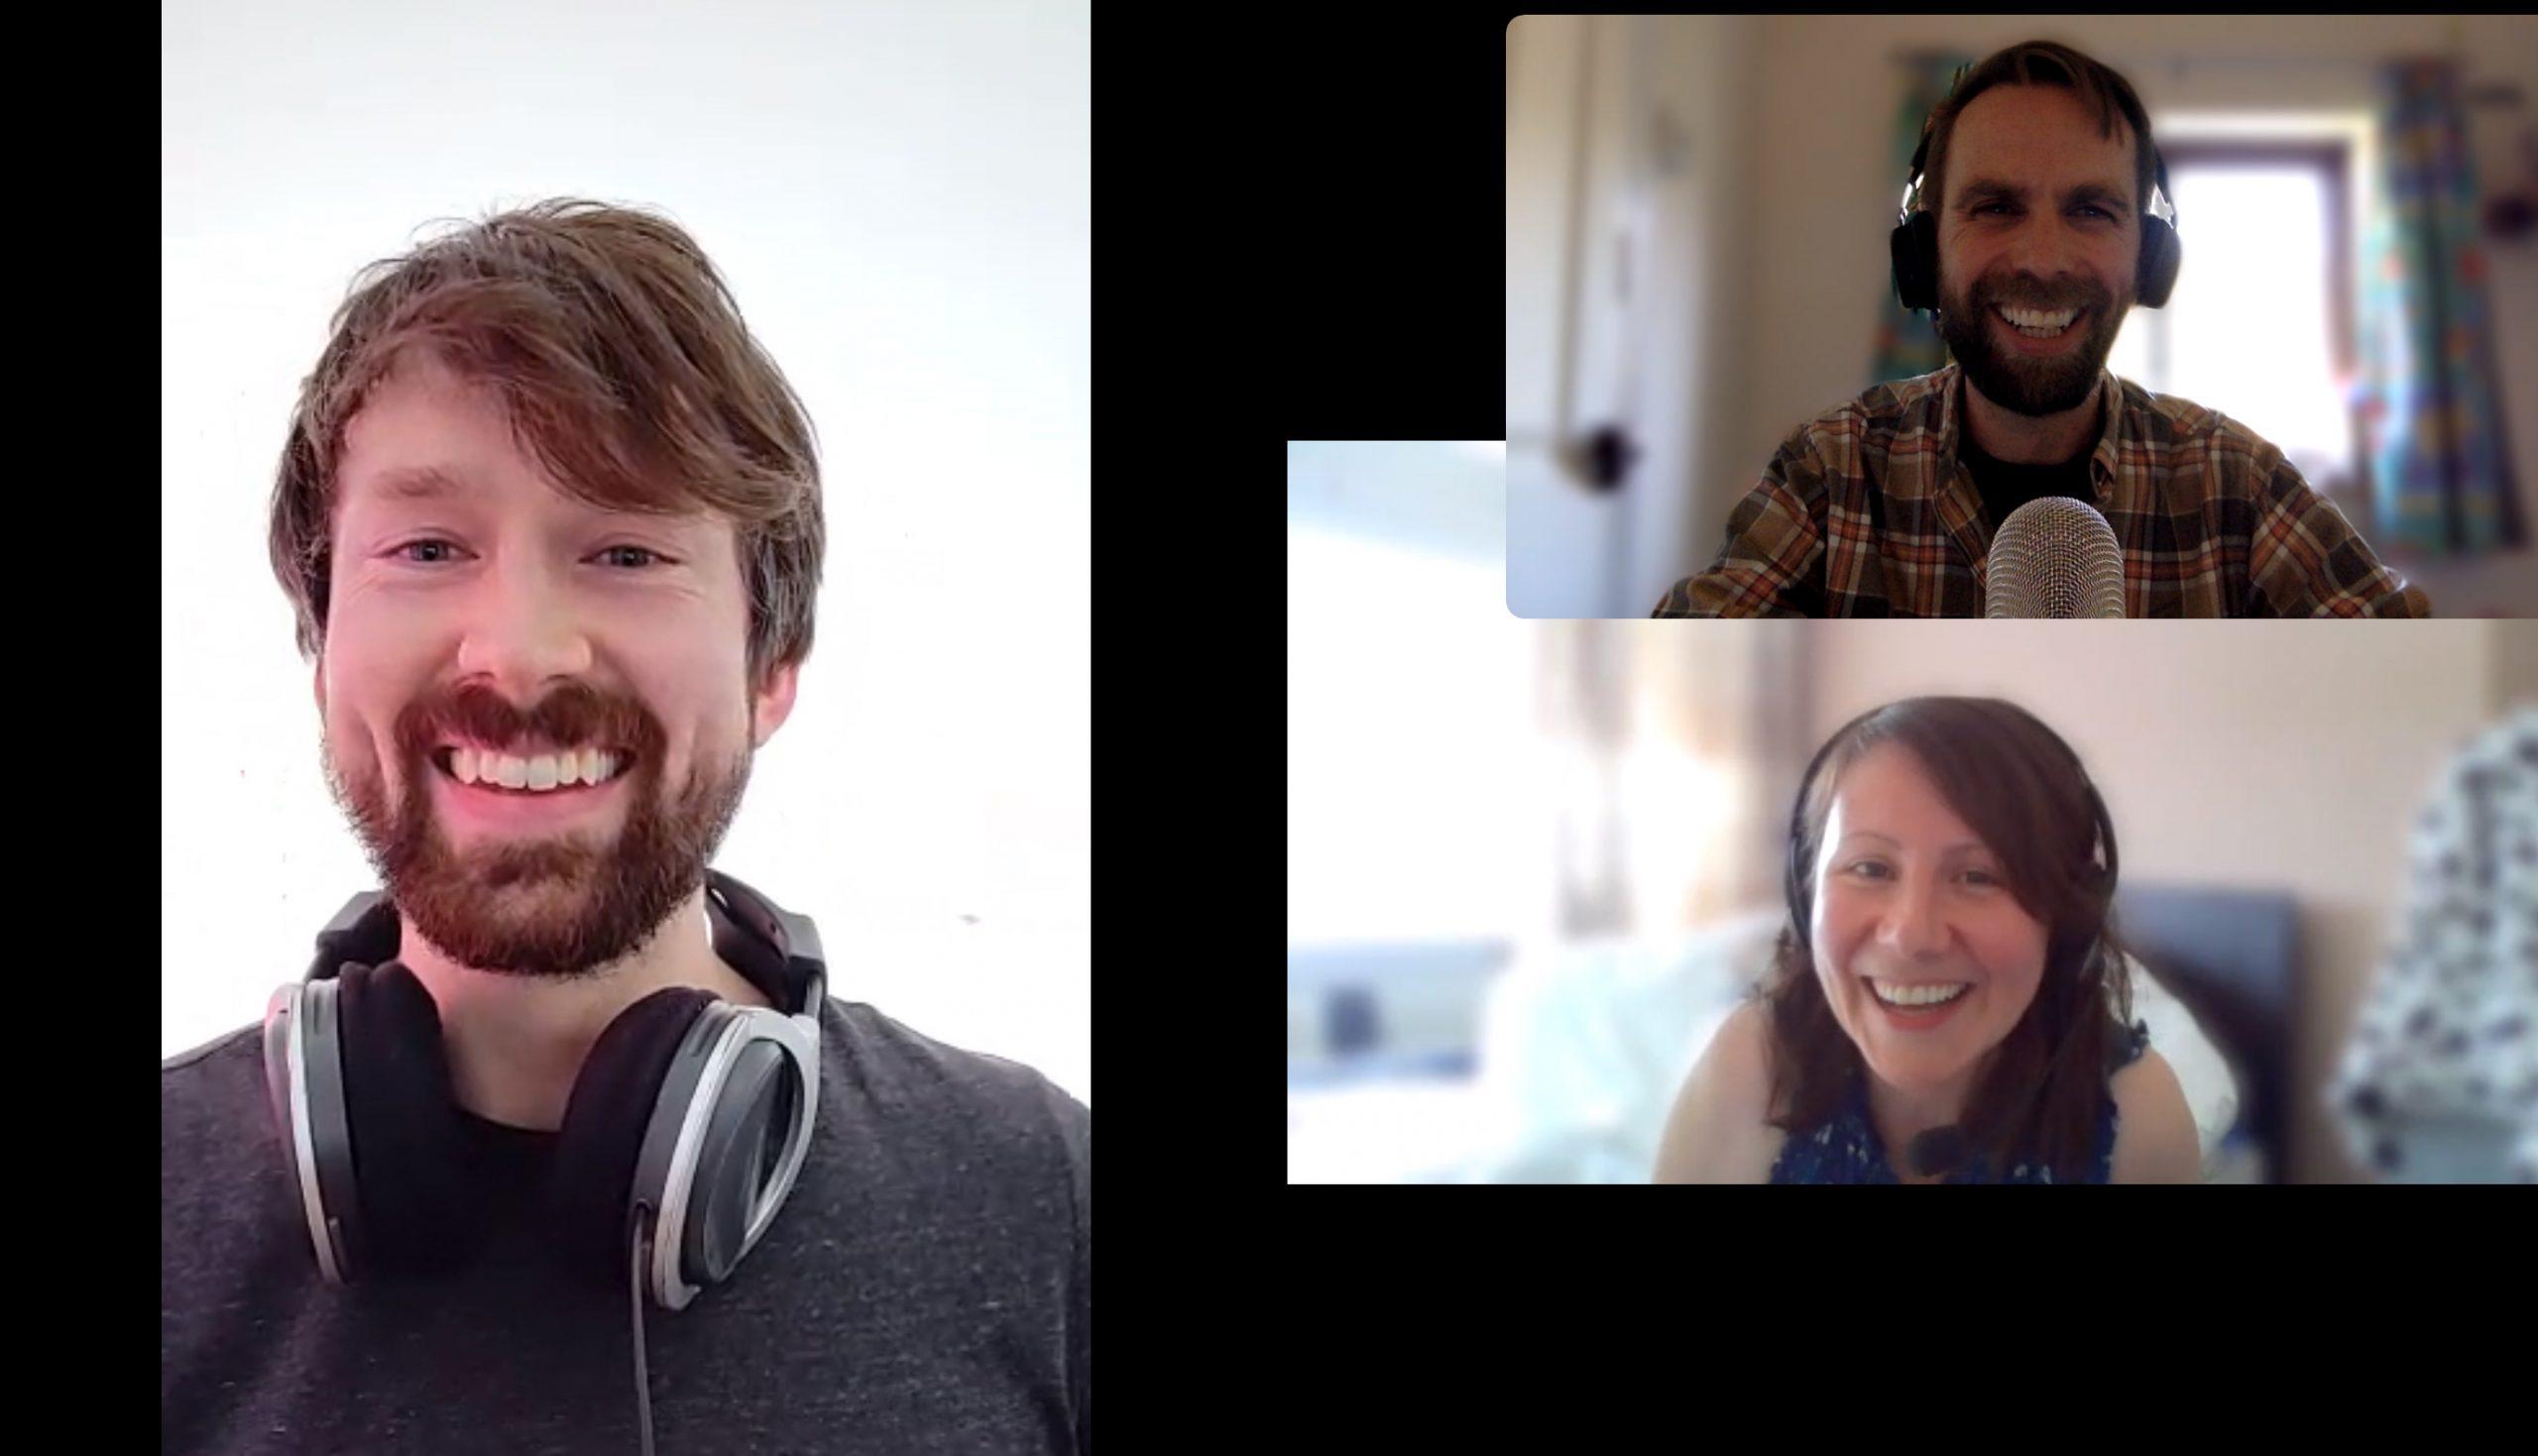 Podcast selfie lockdown style! L-R Noel Fitzpatrick, John Law, Liz Walsh